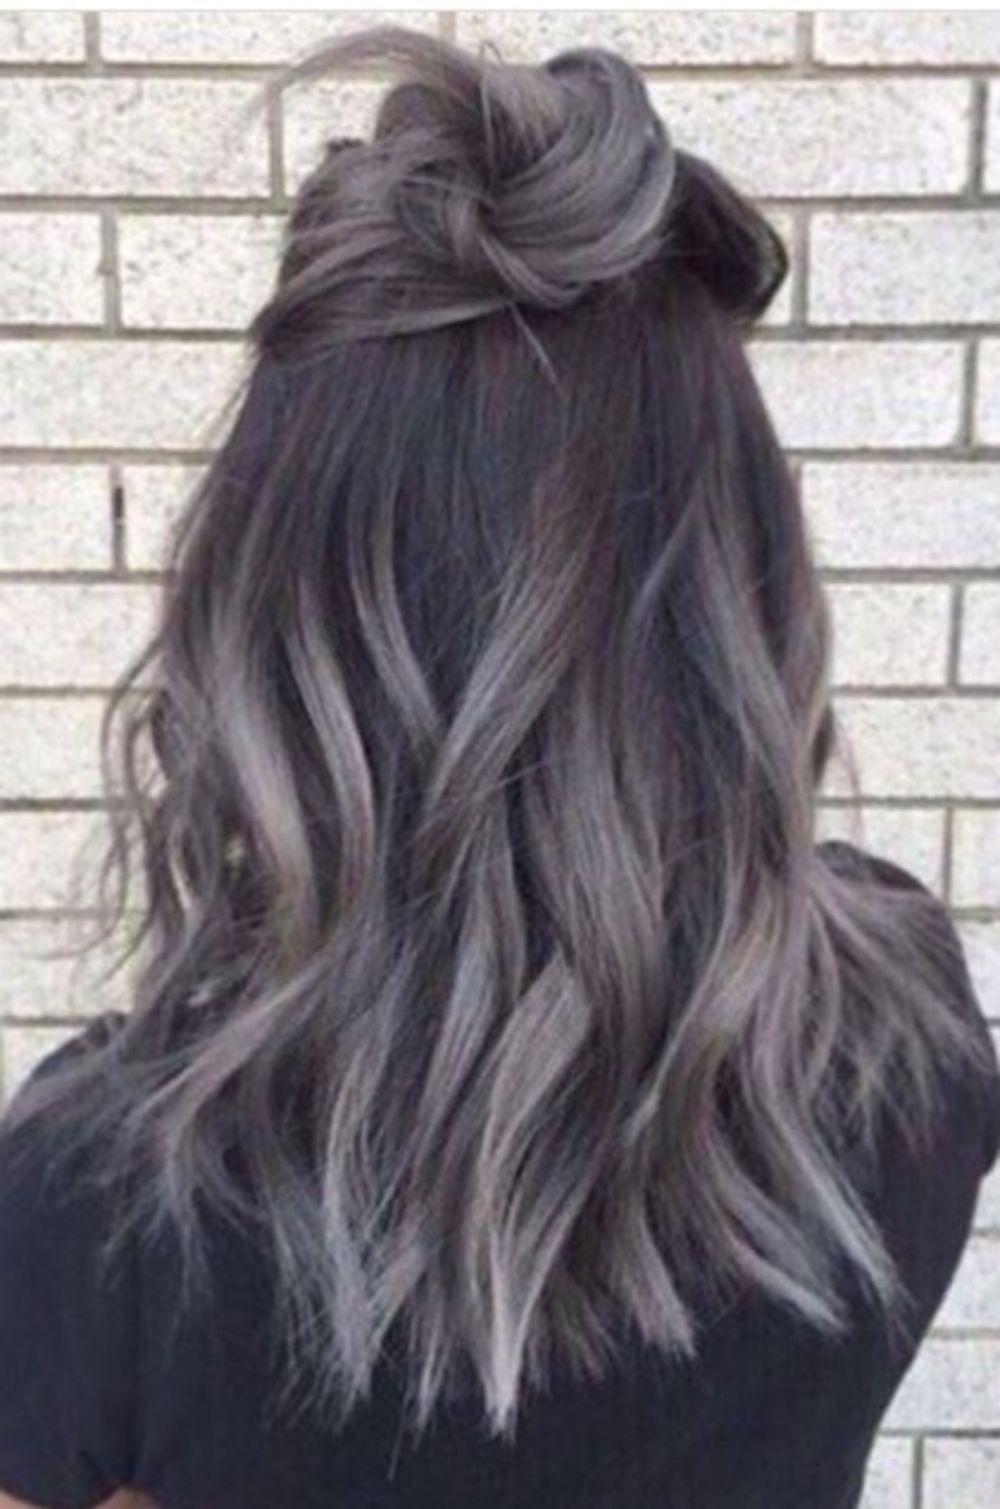 44 Lobs Hair Style Inspiration | Lob hair, Lob and Hair style